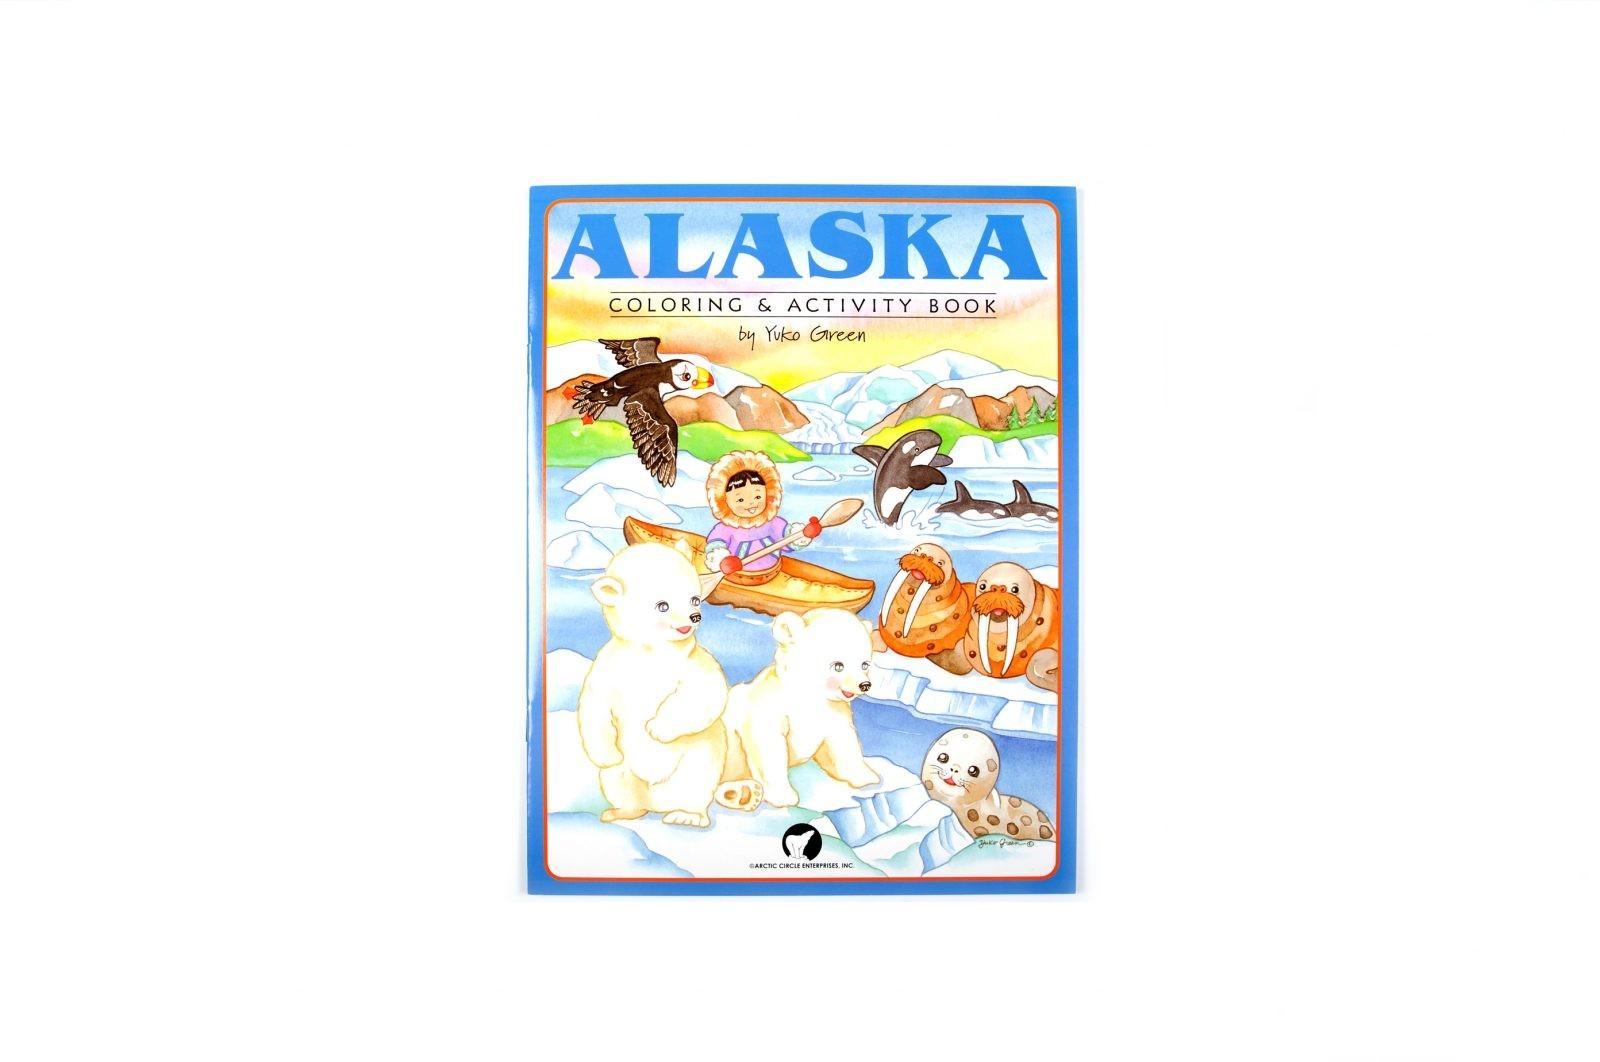 loveditinalaska.com | Alaska Coloring and Activity Book